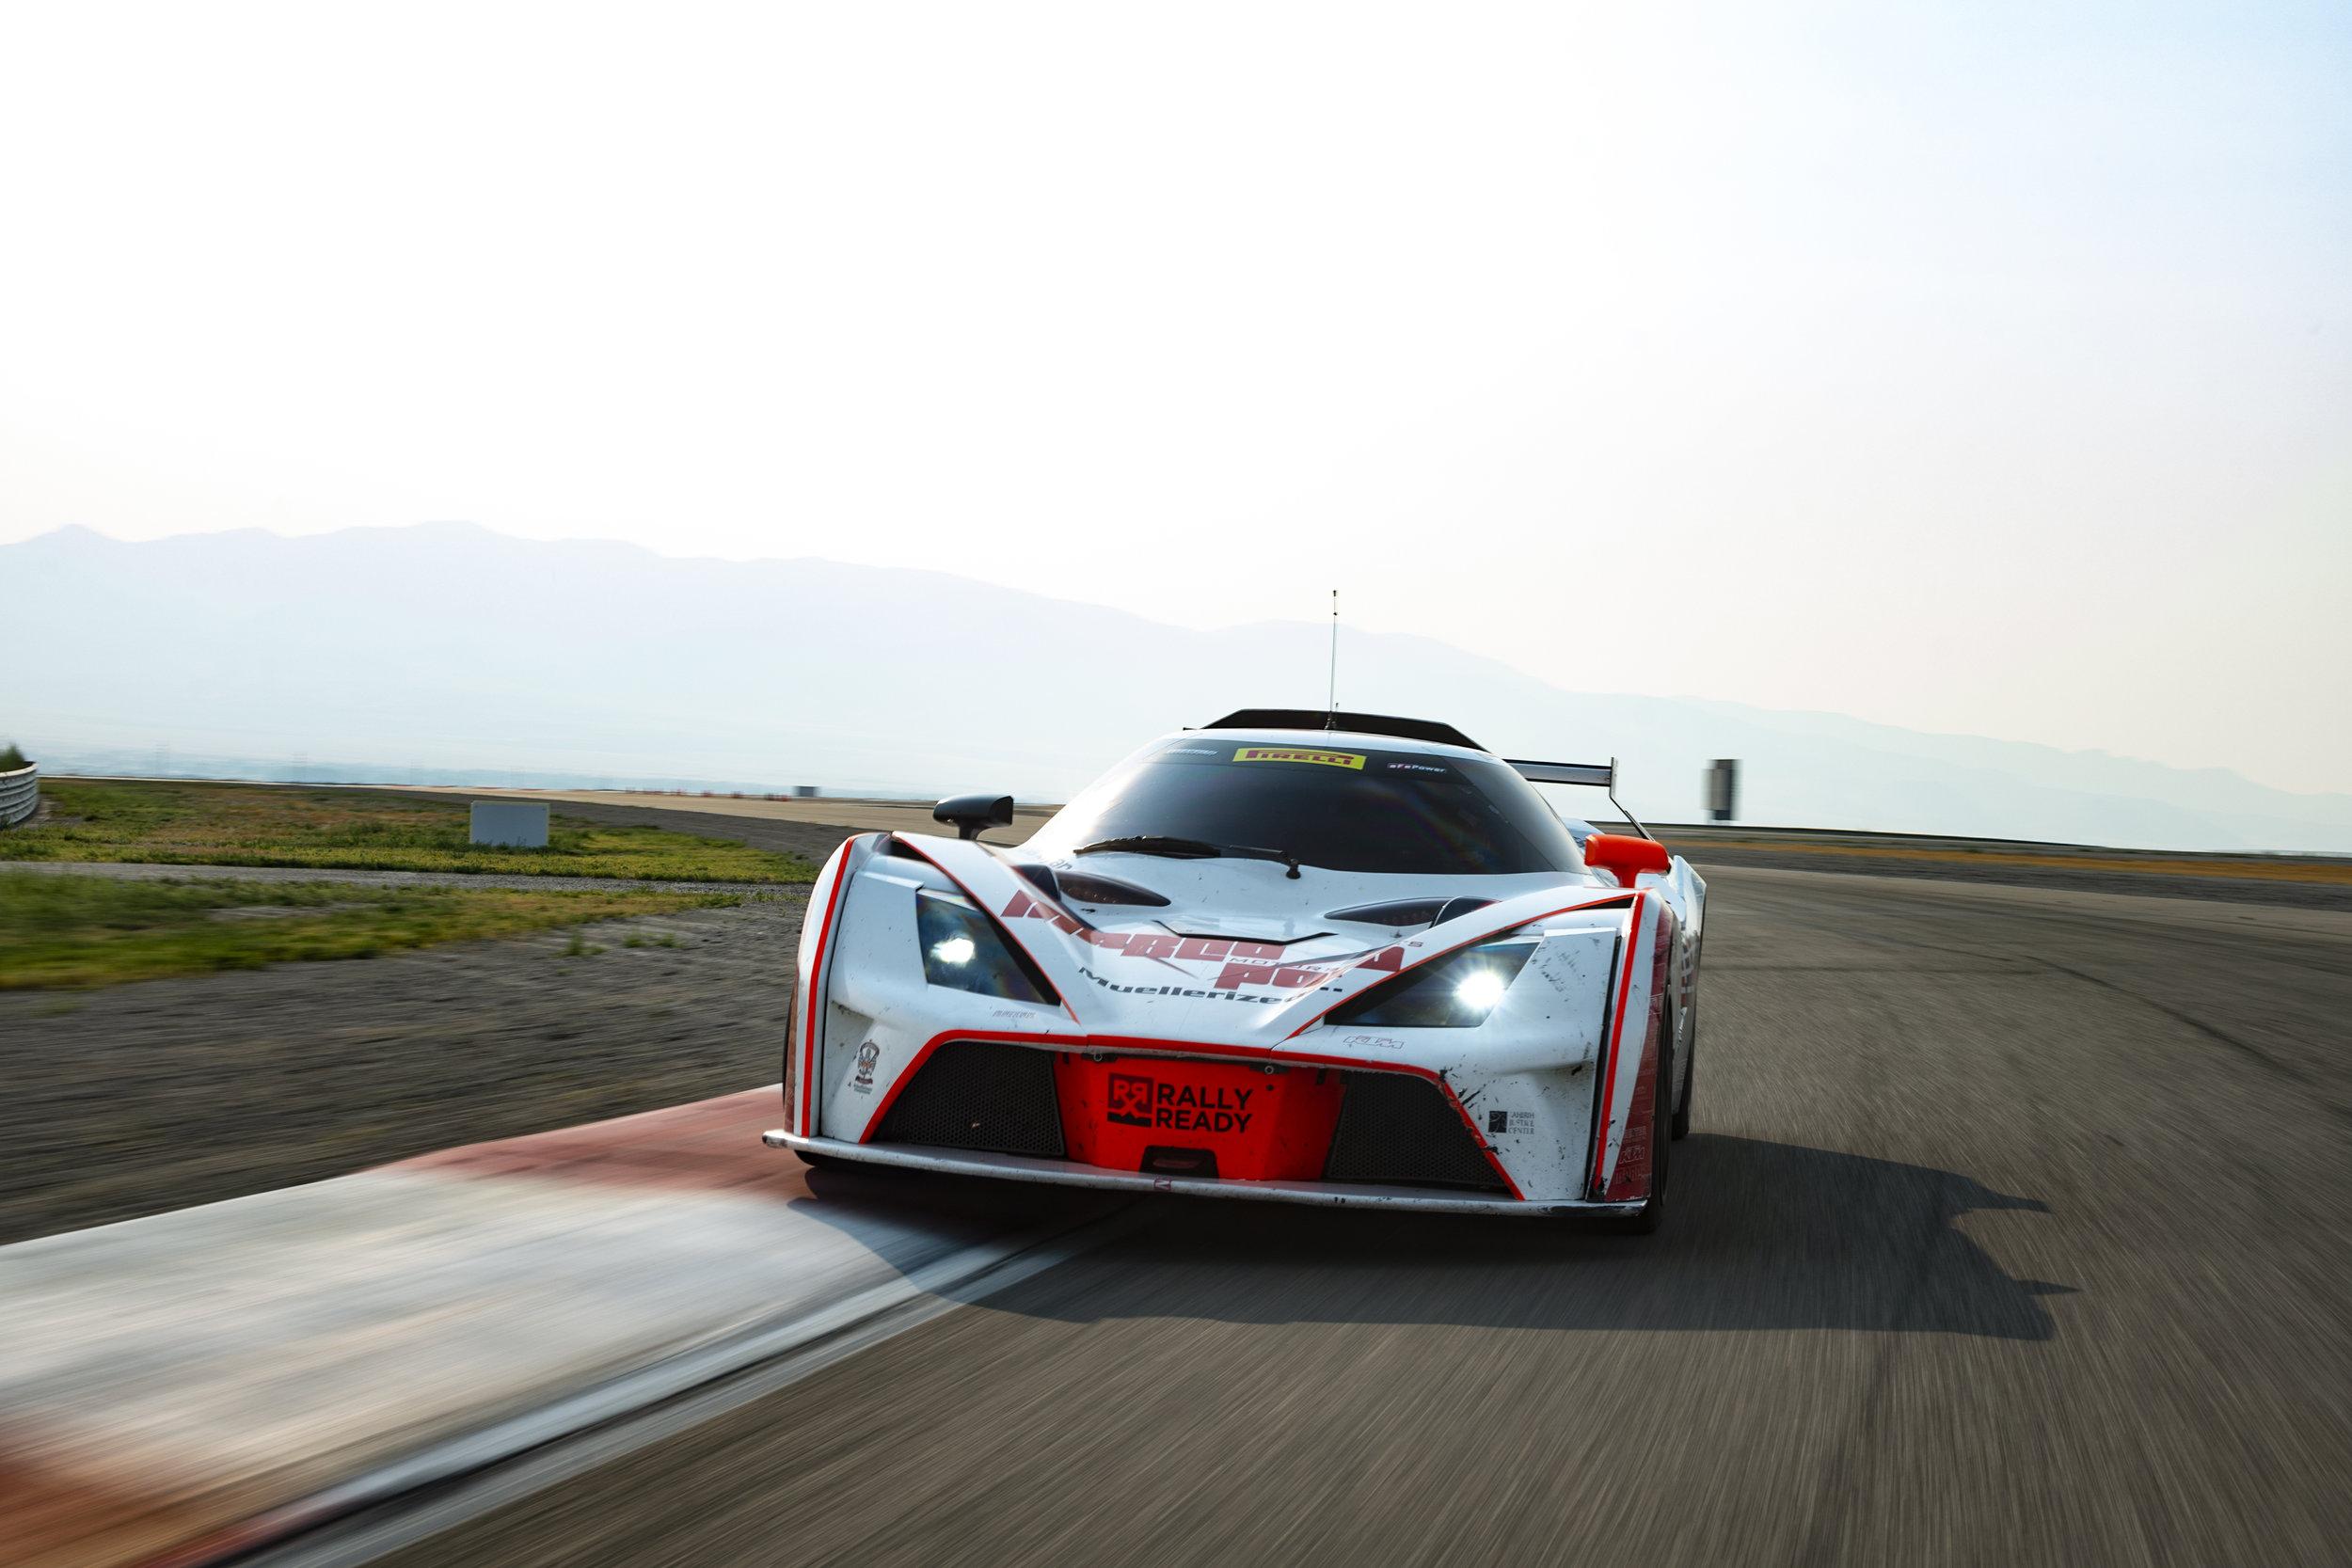 PWC Grand Prix of Utah